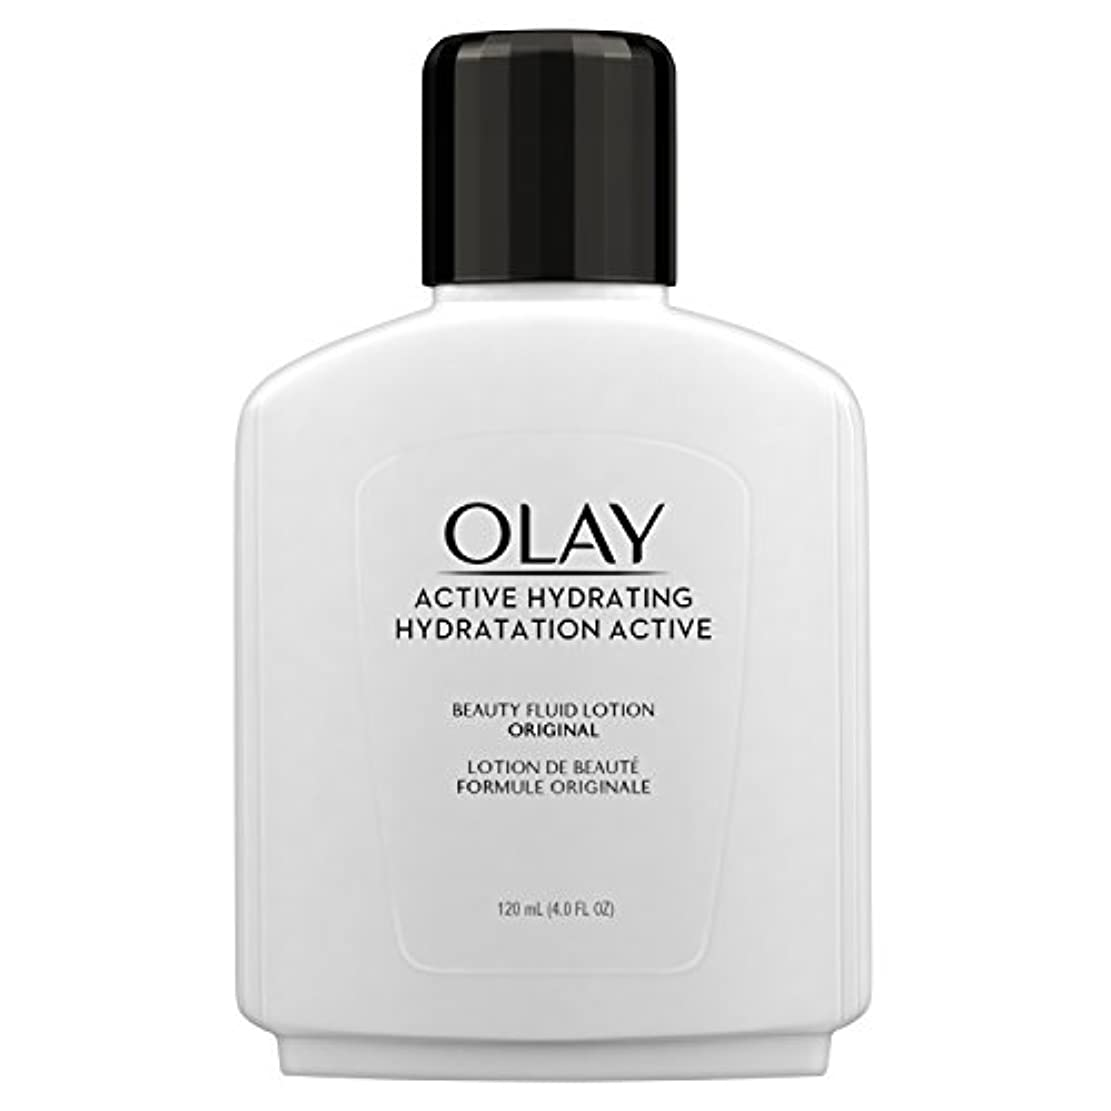 無能マチュピチュ飲料Olay Active Hydrating Beauty Fluid Original 120 ml Moisturizer for Women by Olay